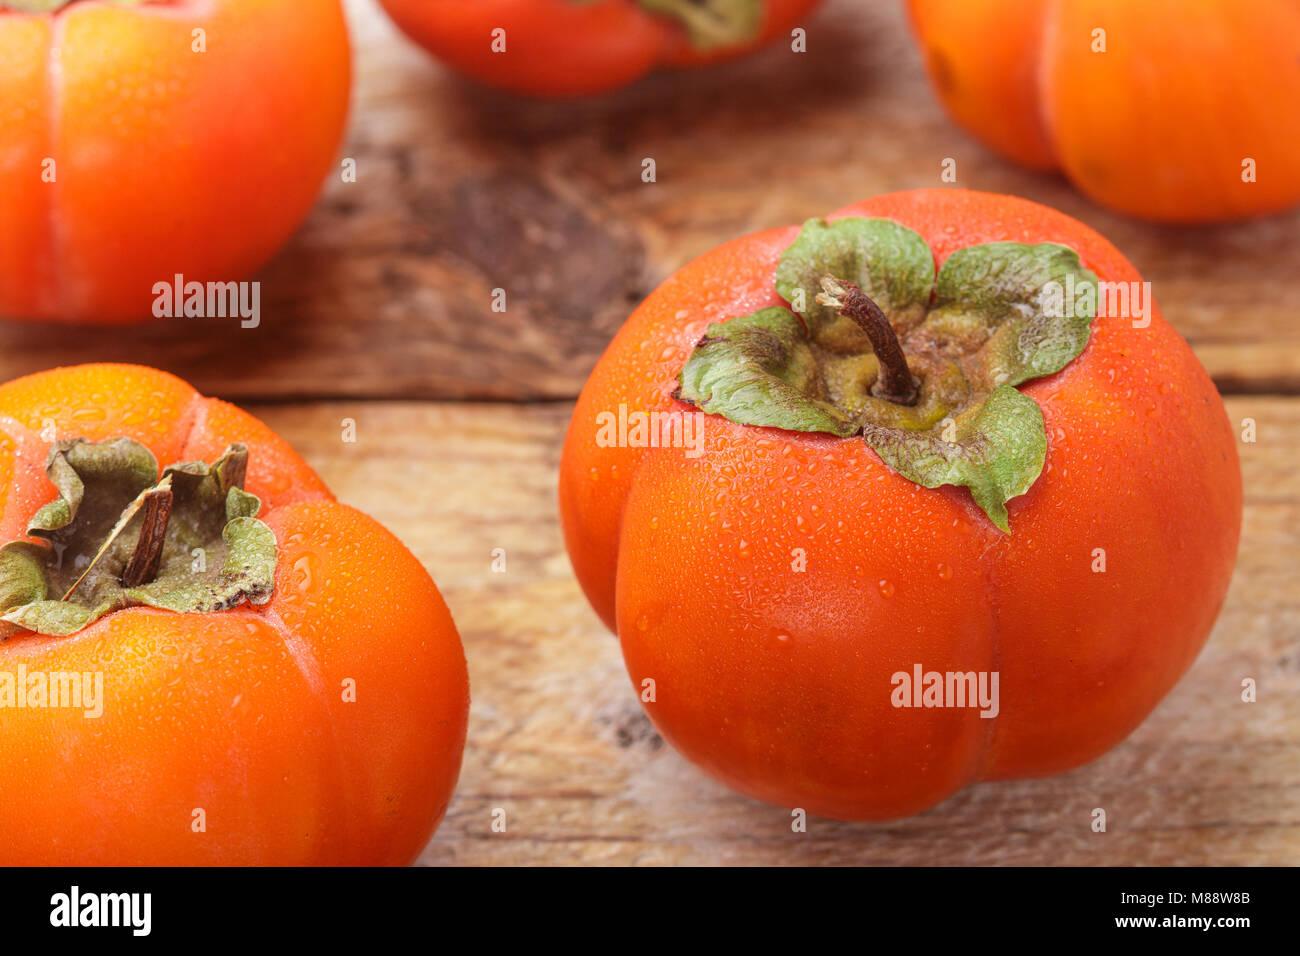 Kaki frais mûrs avec des gouttes d'eau. Selective focus Photo Stock